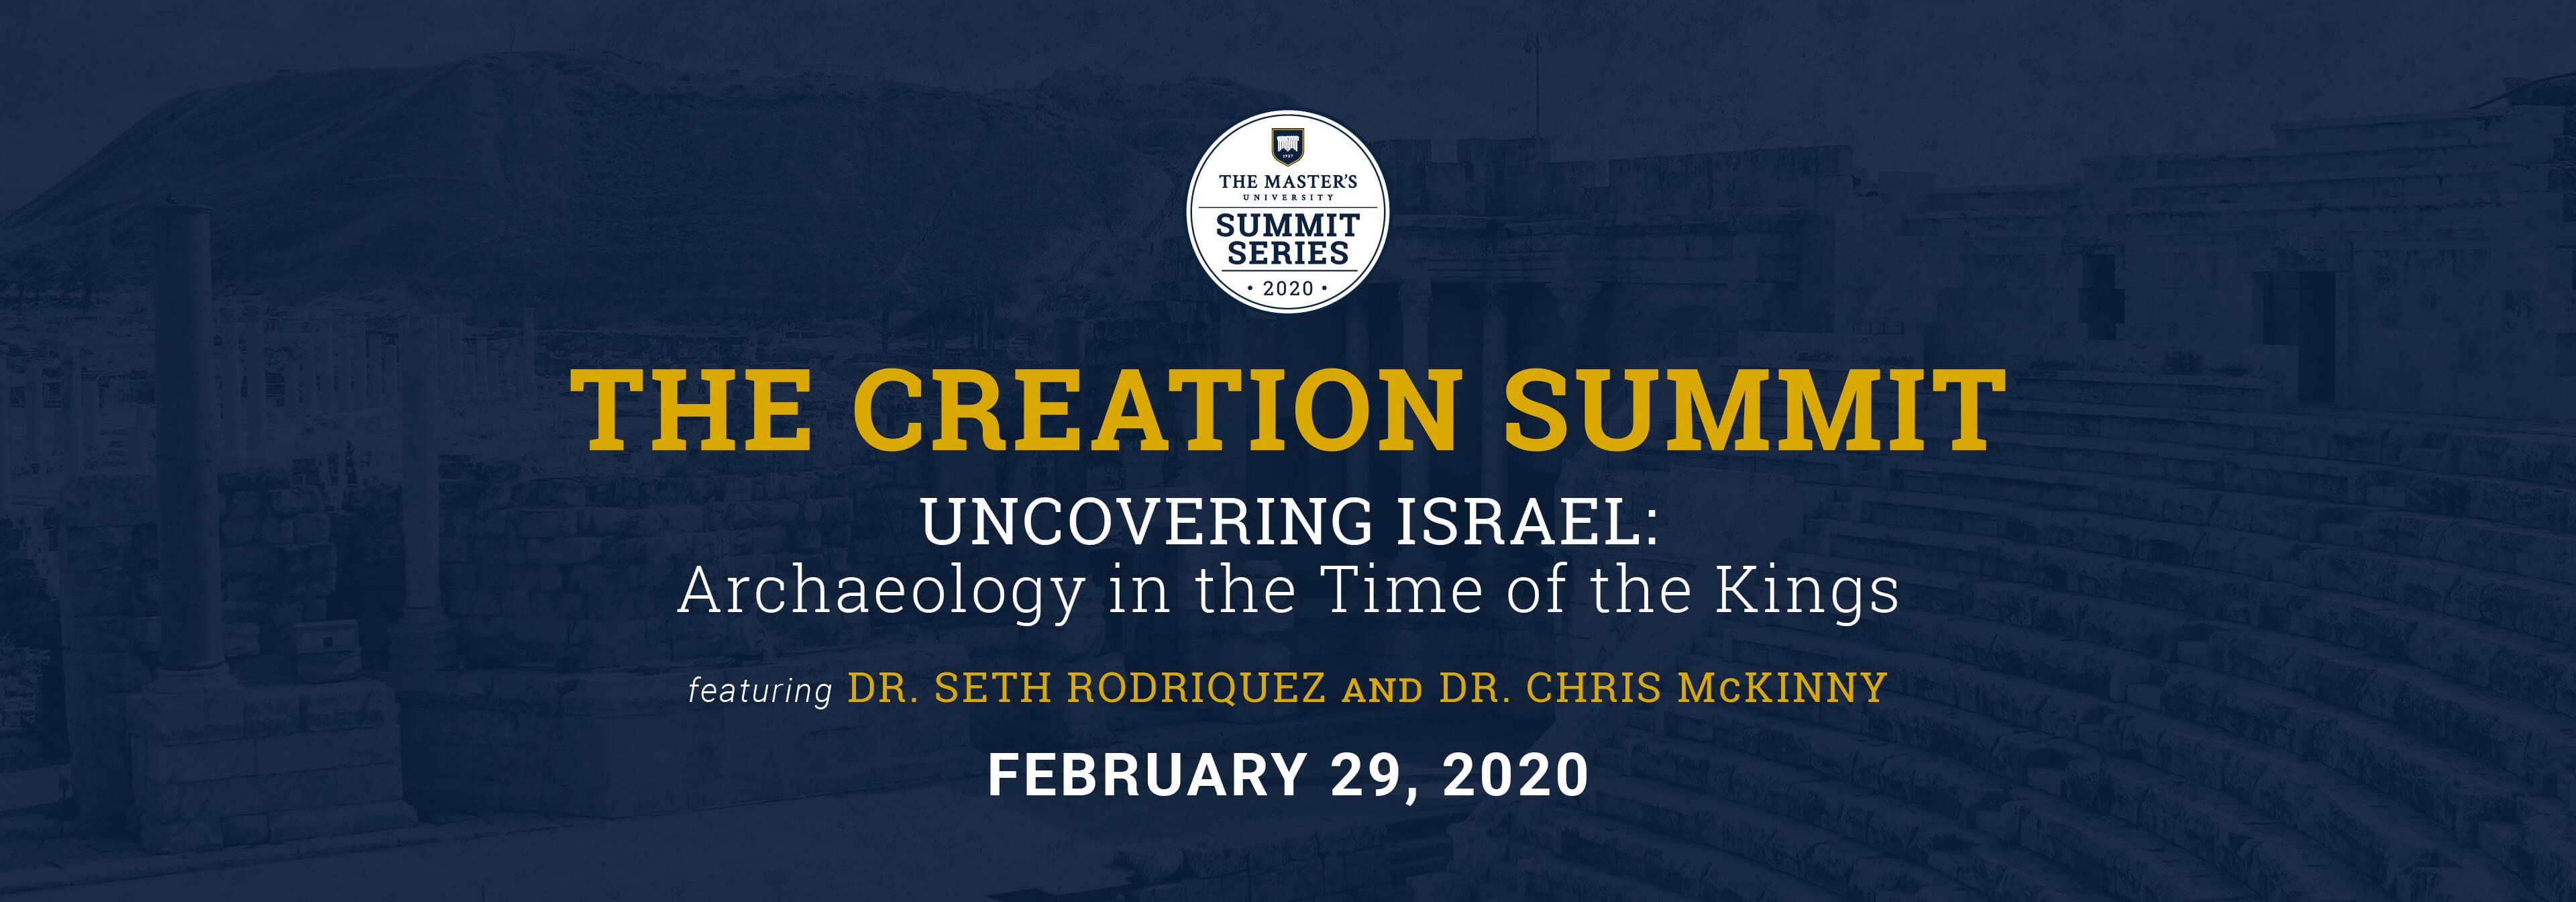 The Creation Summit